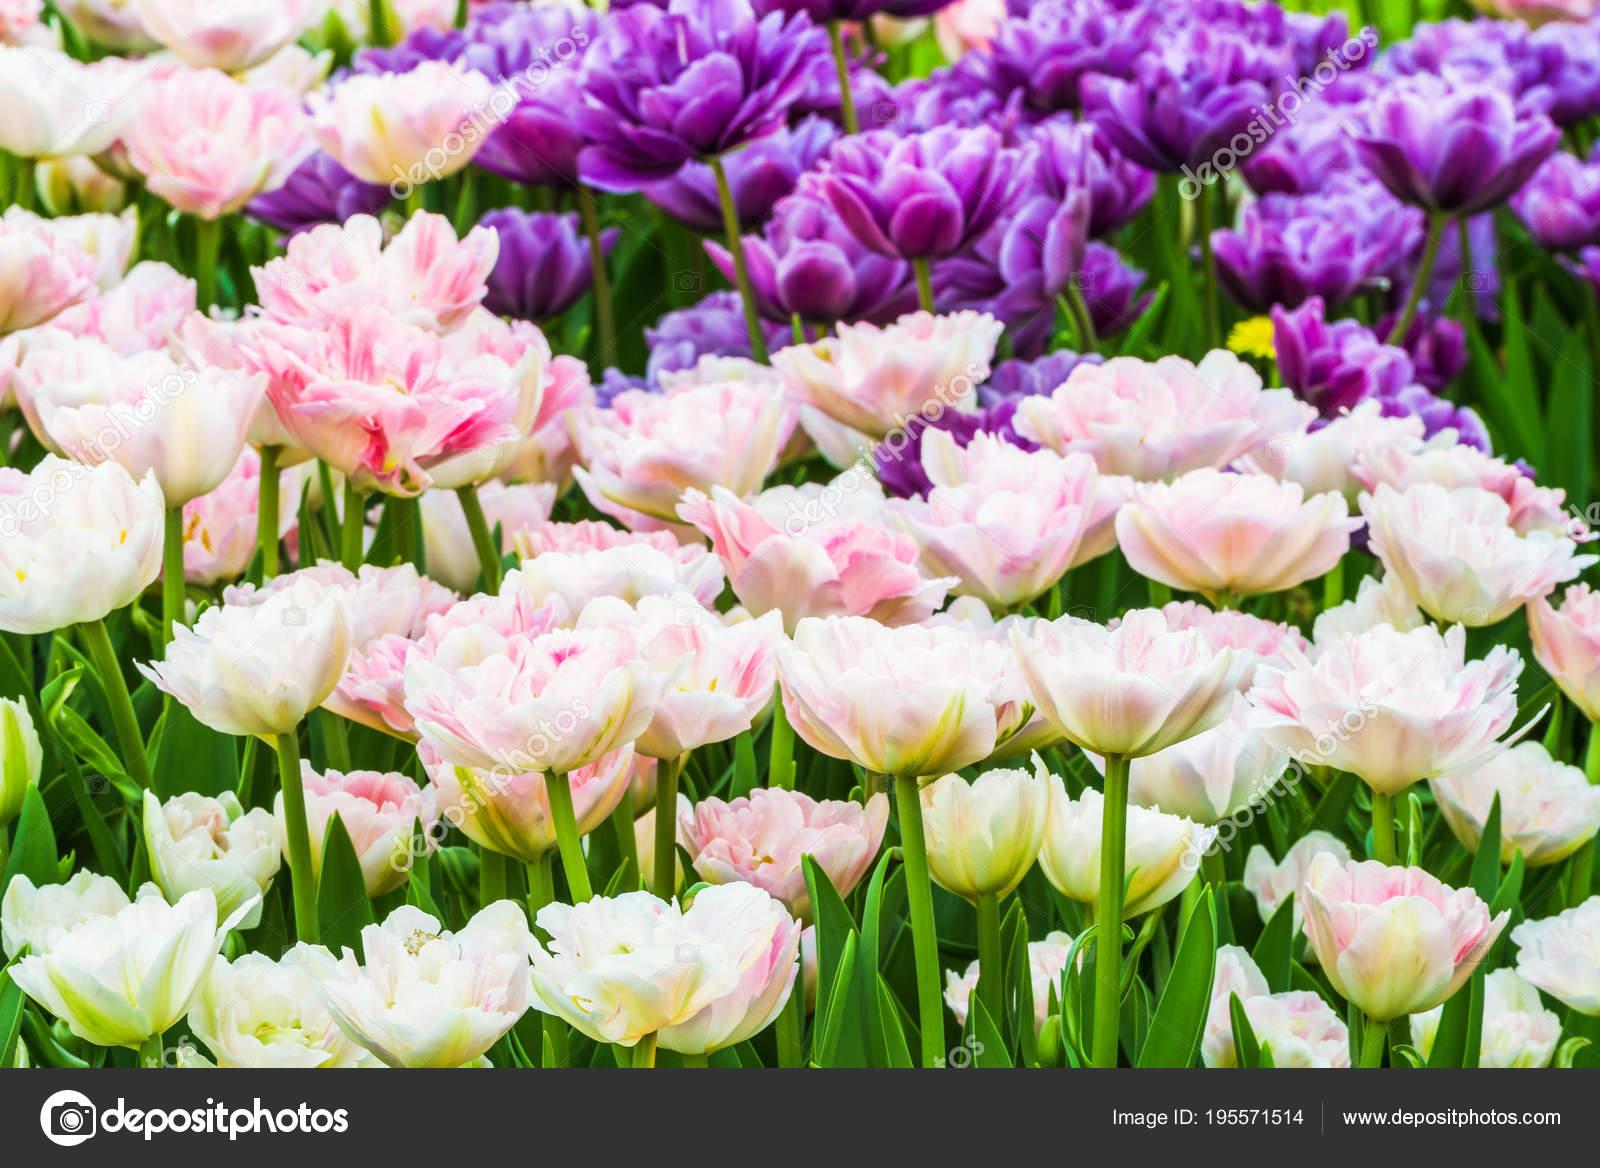 Groupe Tulipes Colorees Une Fleur Tulipe Blanche Rose Lilas Est